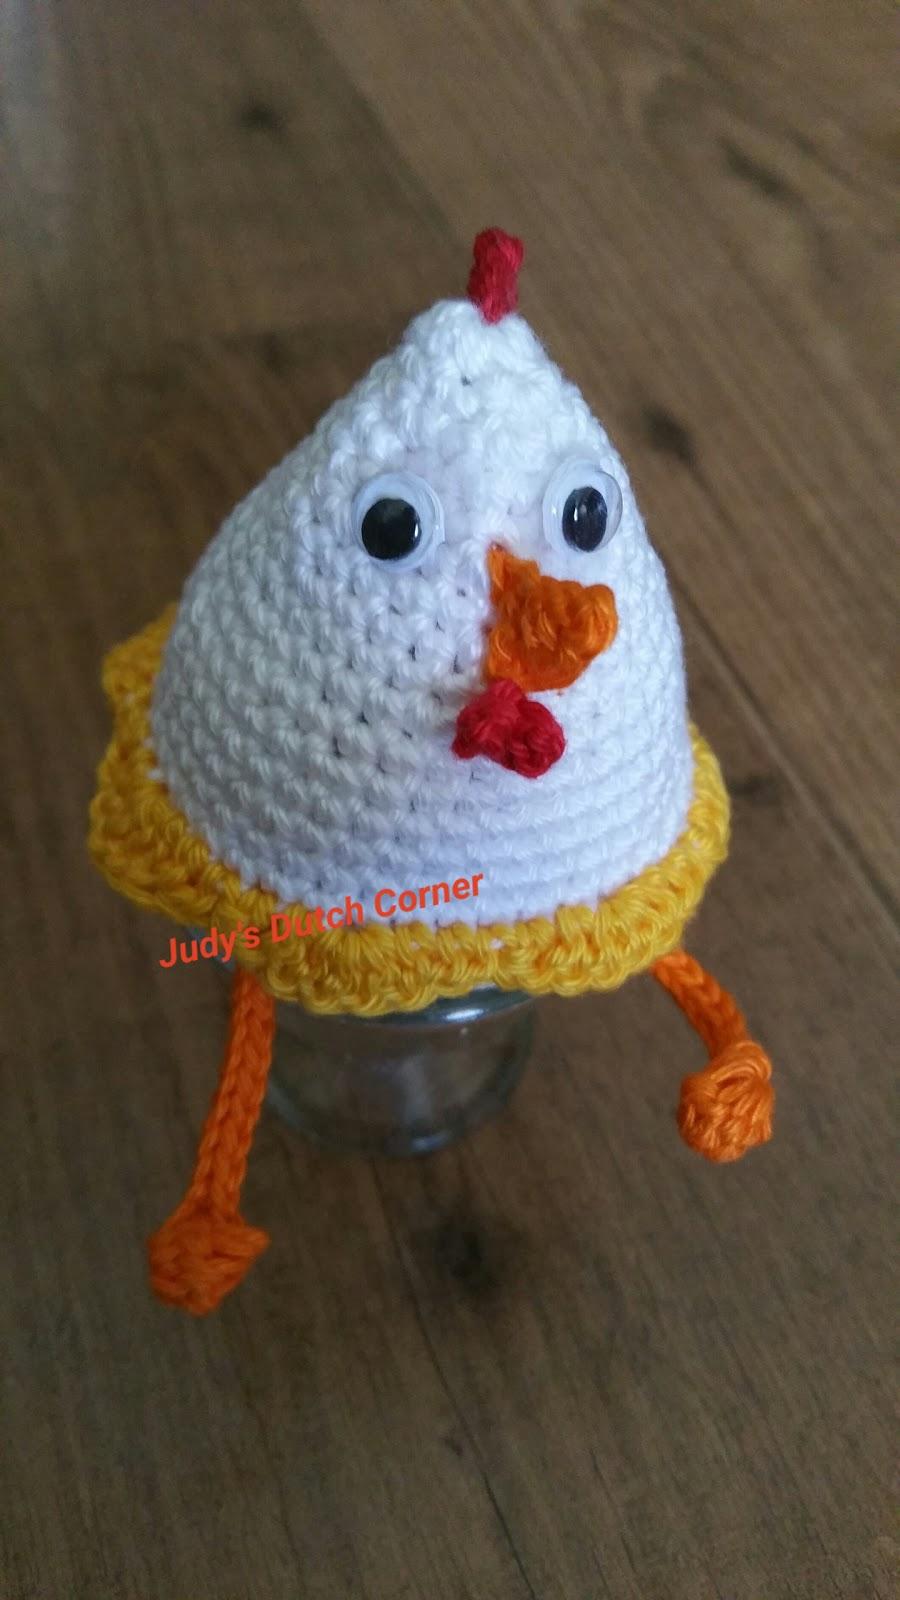 Judys Dutch Corner Eierwarmers Kip